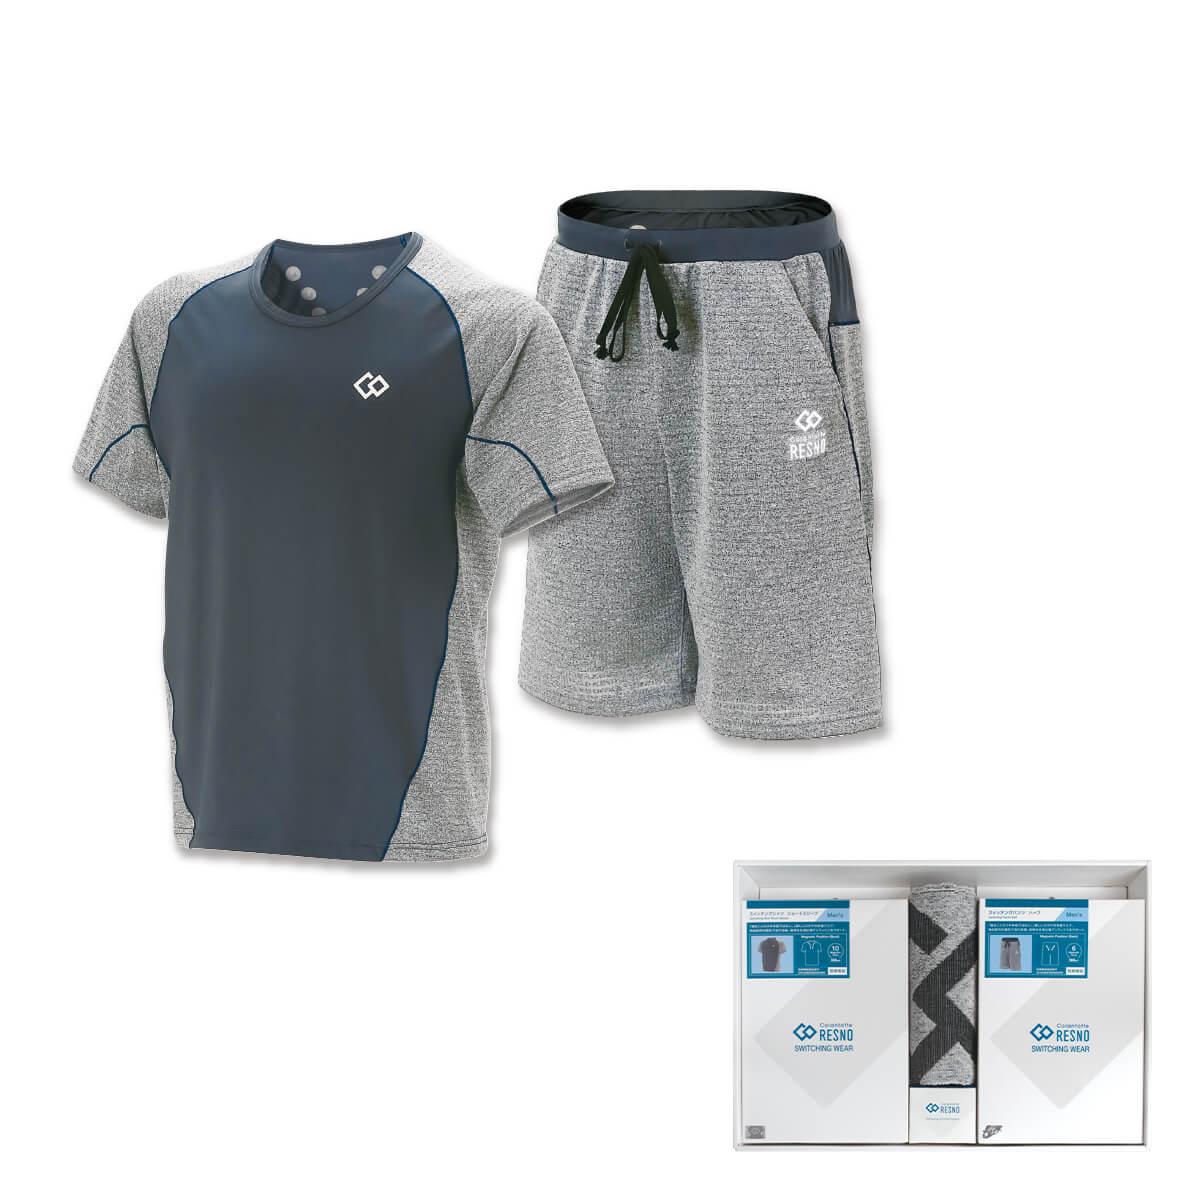 コラントッテRESNO スイッチングシャツ & パンツセット MEN'S(ショート × ハーフ)